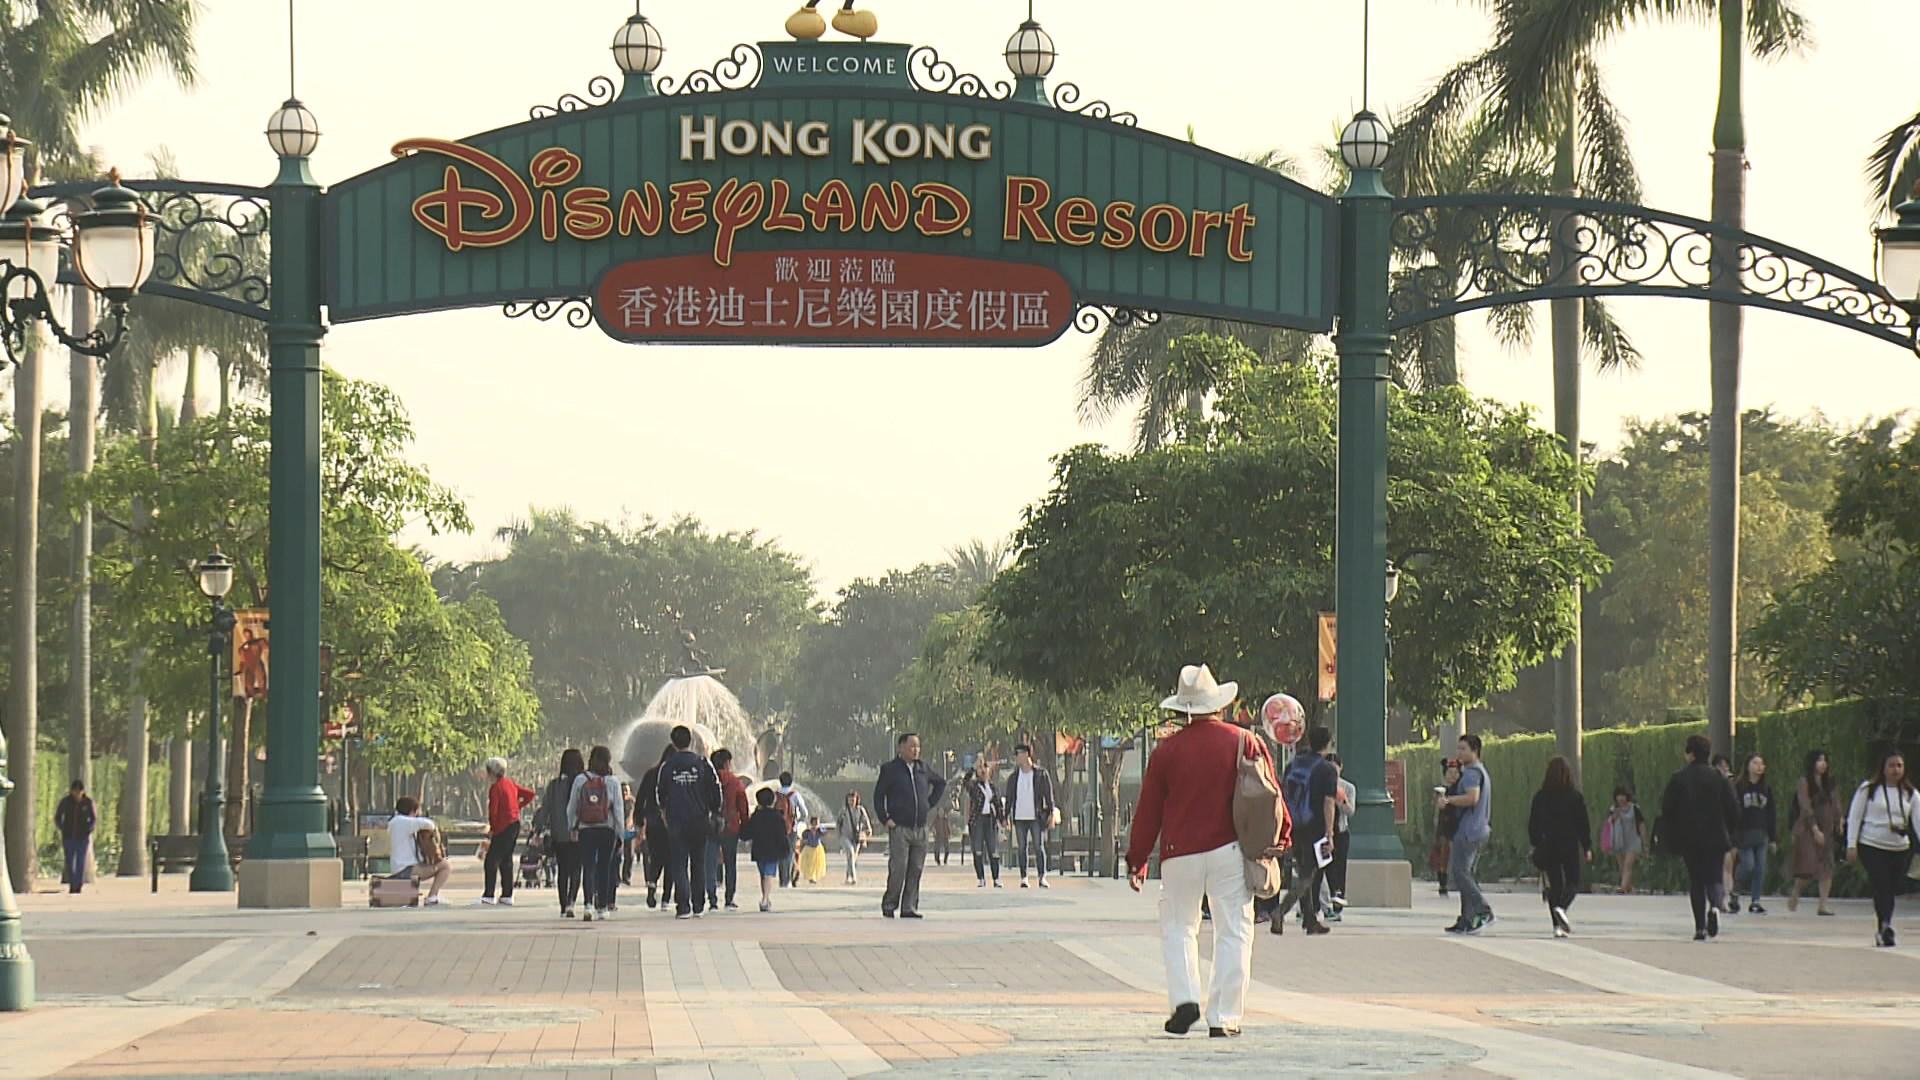 香港迪士尼樂園取消大除夕晚倒數派對